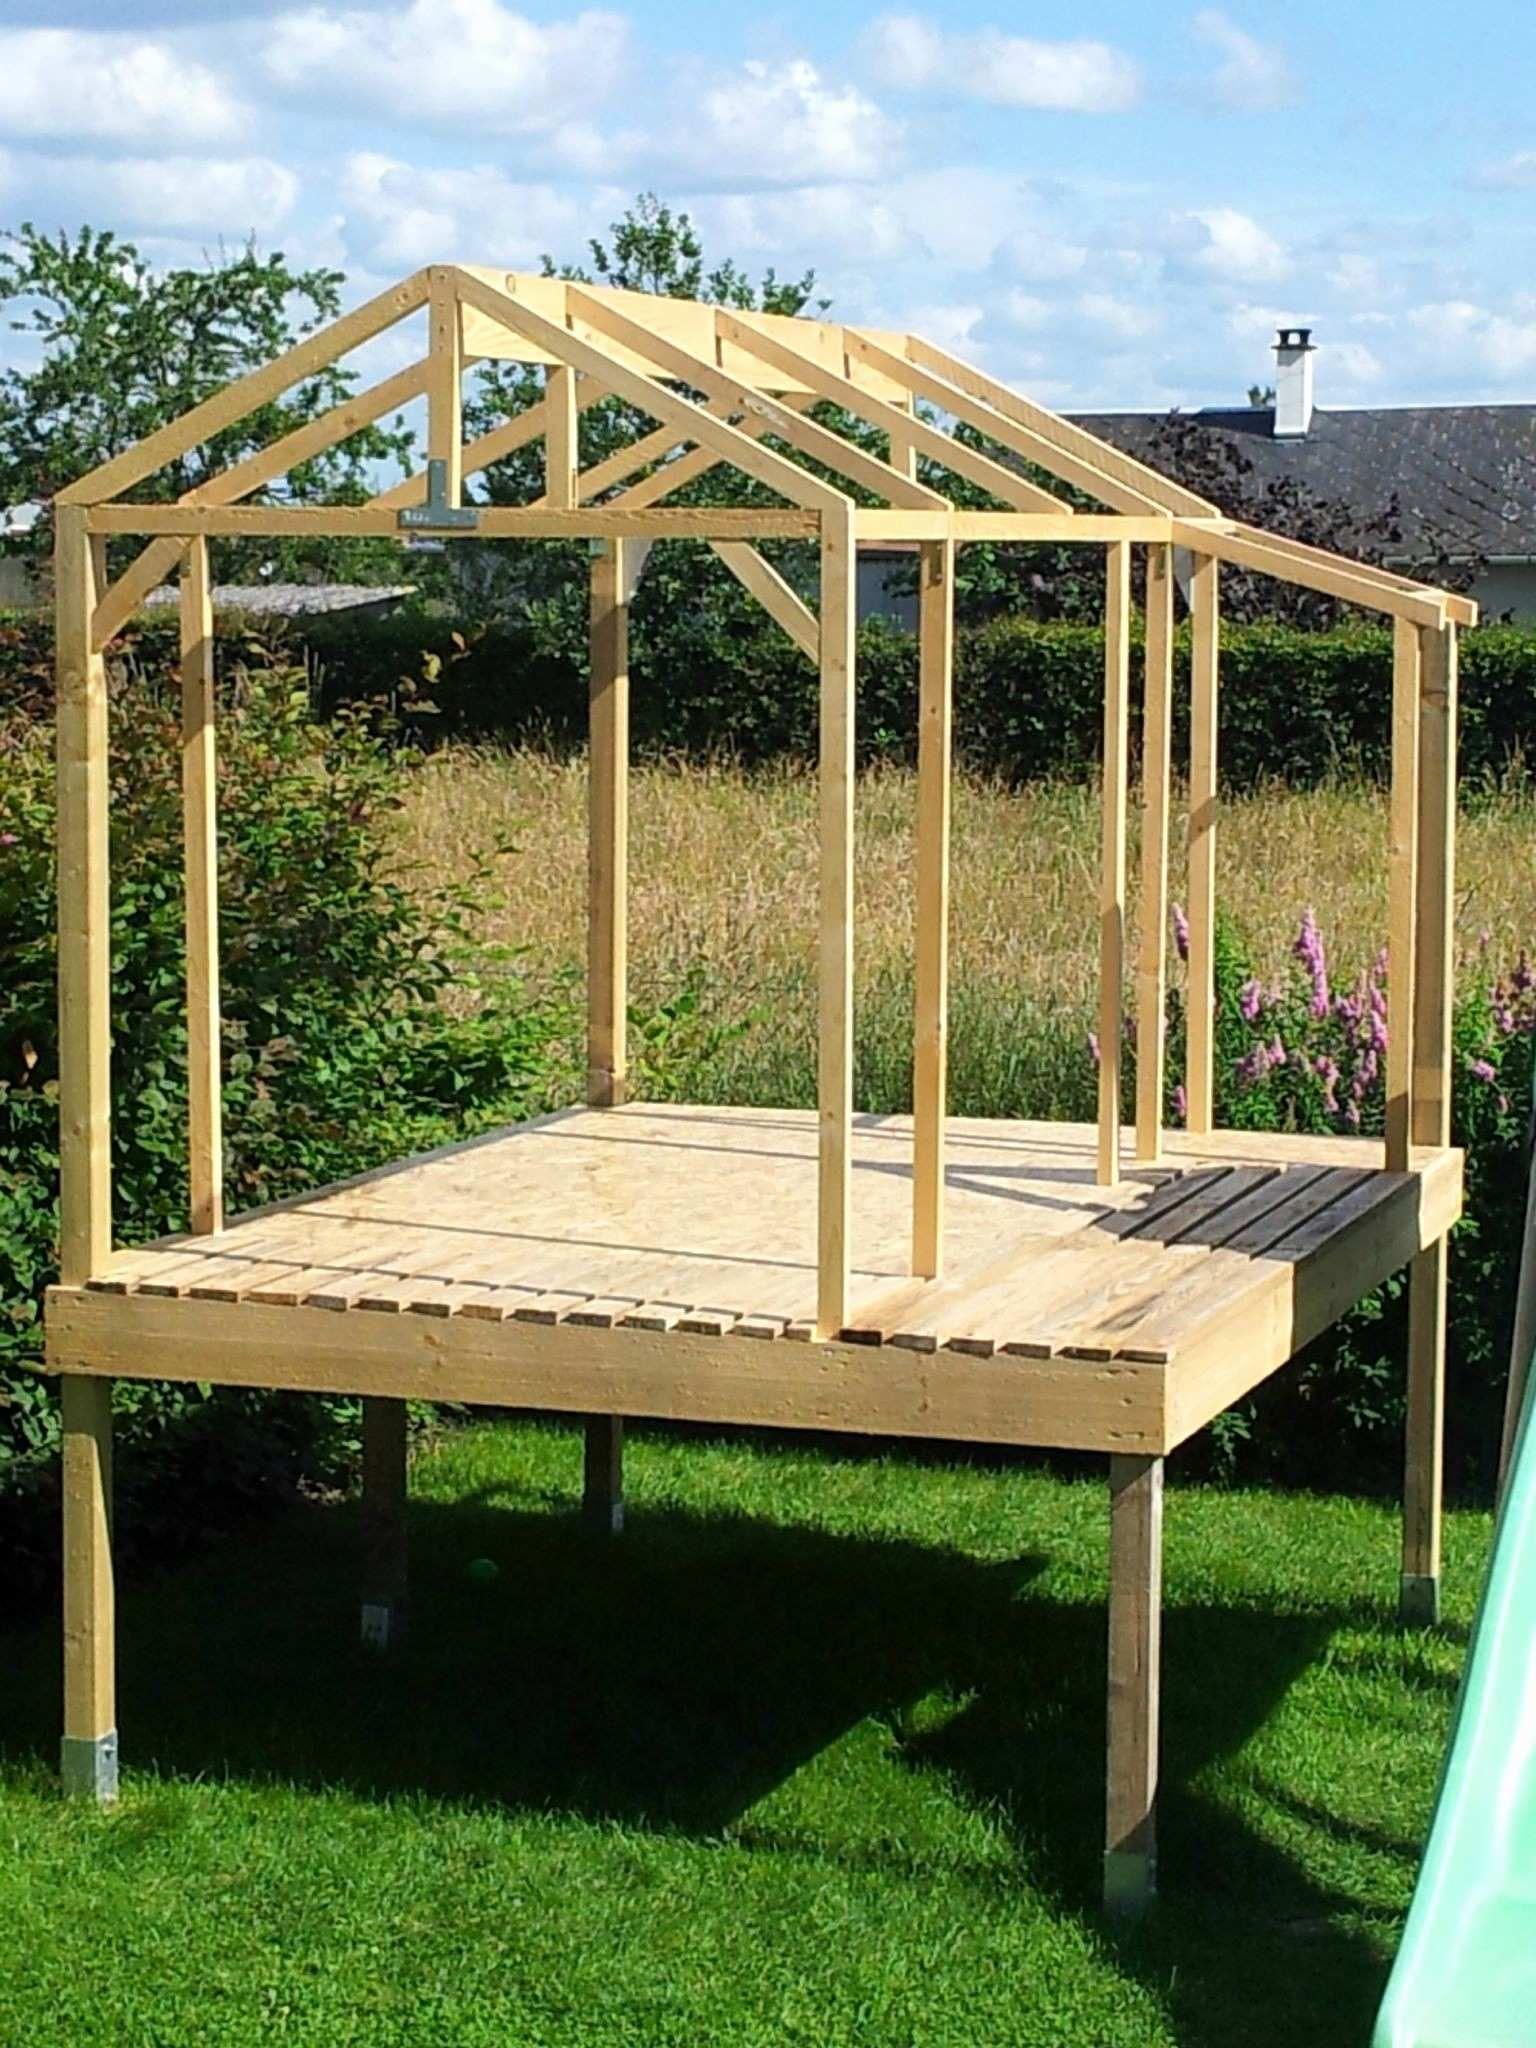 fabriquer abri de jardin en bois construire abri autumn. Black Bedroom Furniture Sets. Home Design Ideas